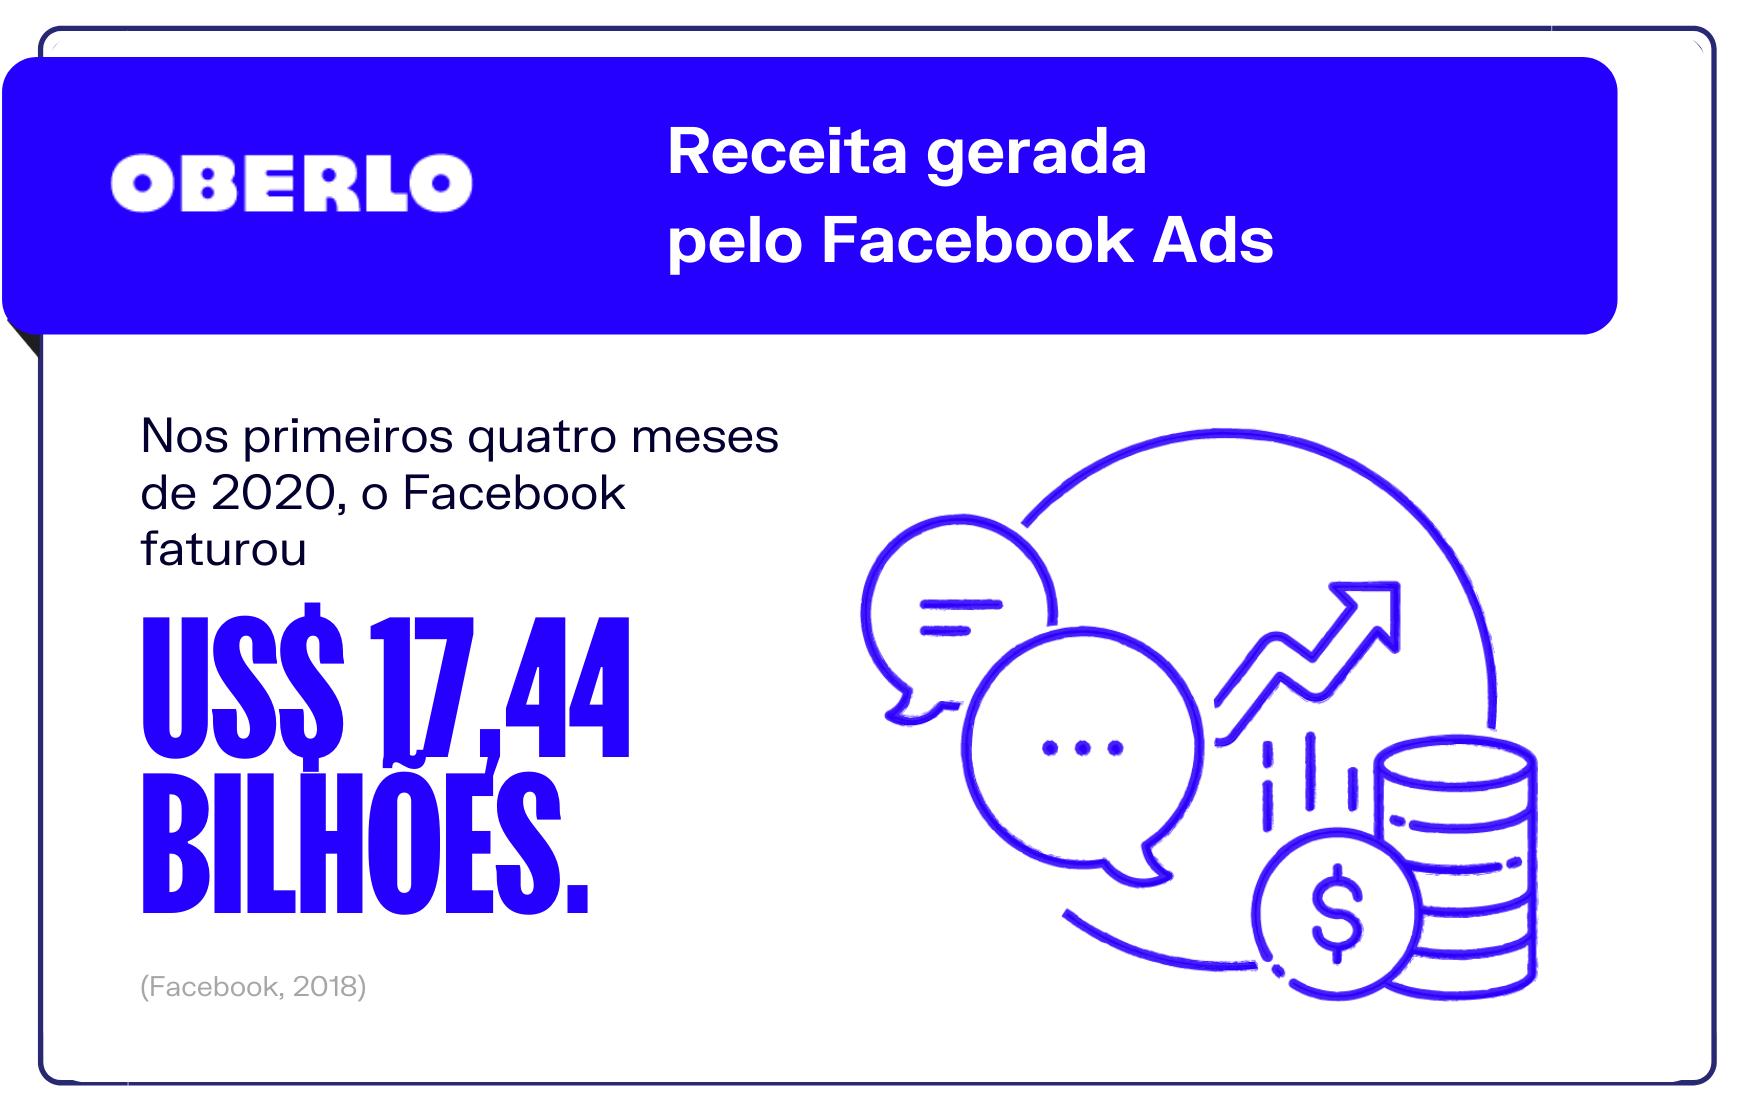 Facebook para empresas: receita gerada pelo Facebook Ads